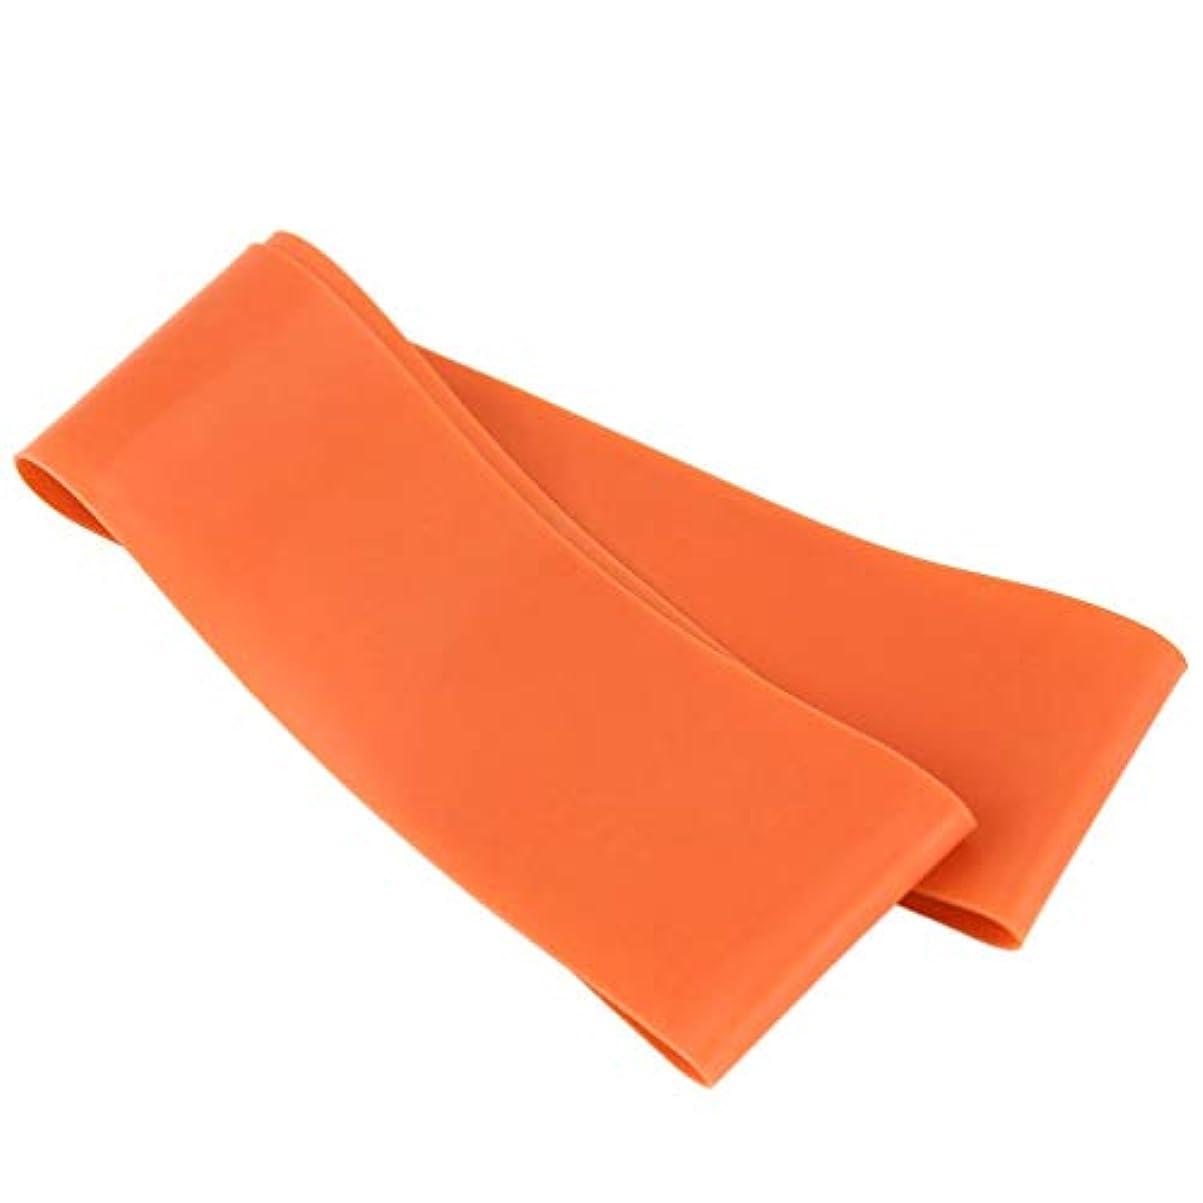 賢明なペインティング出演者滑り止めの伸縮性のあるゴム製伸縮性がある伸縮性があるヨガベルトバンド引きロープの張力抵抗バンドループ強度のためのフィットネスヨガツール - オレンジ